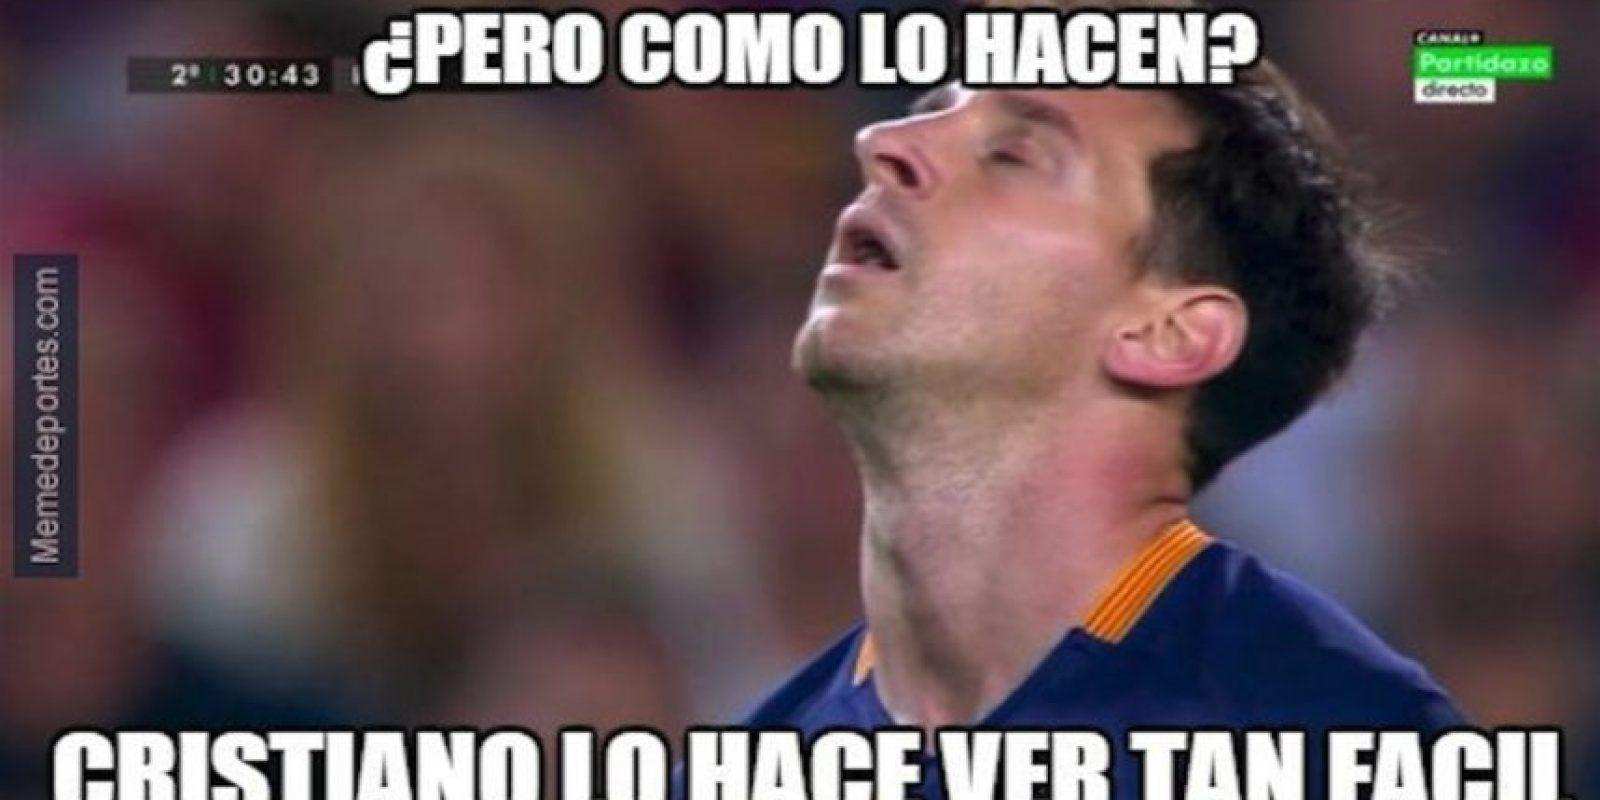 Por supuesto, llegaron las comparaciones con Cristiano Ronaldo. Foto:memedeportes.com